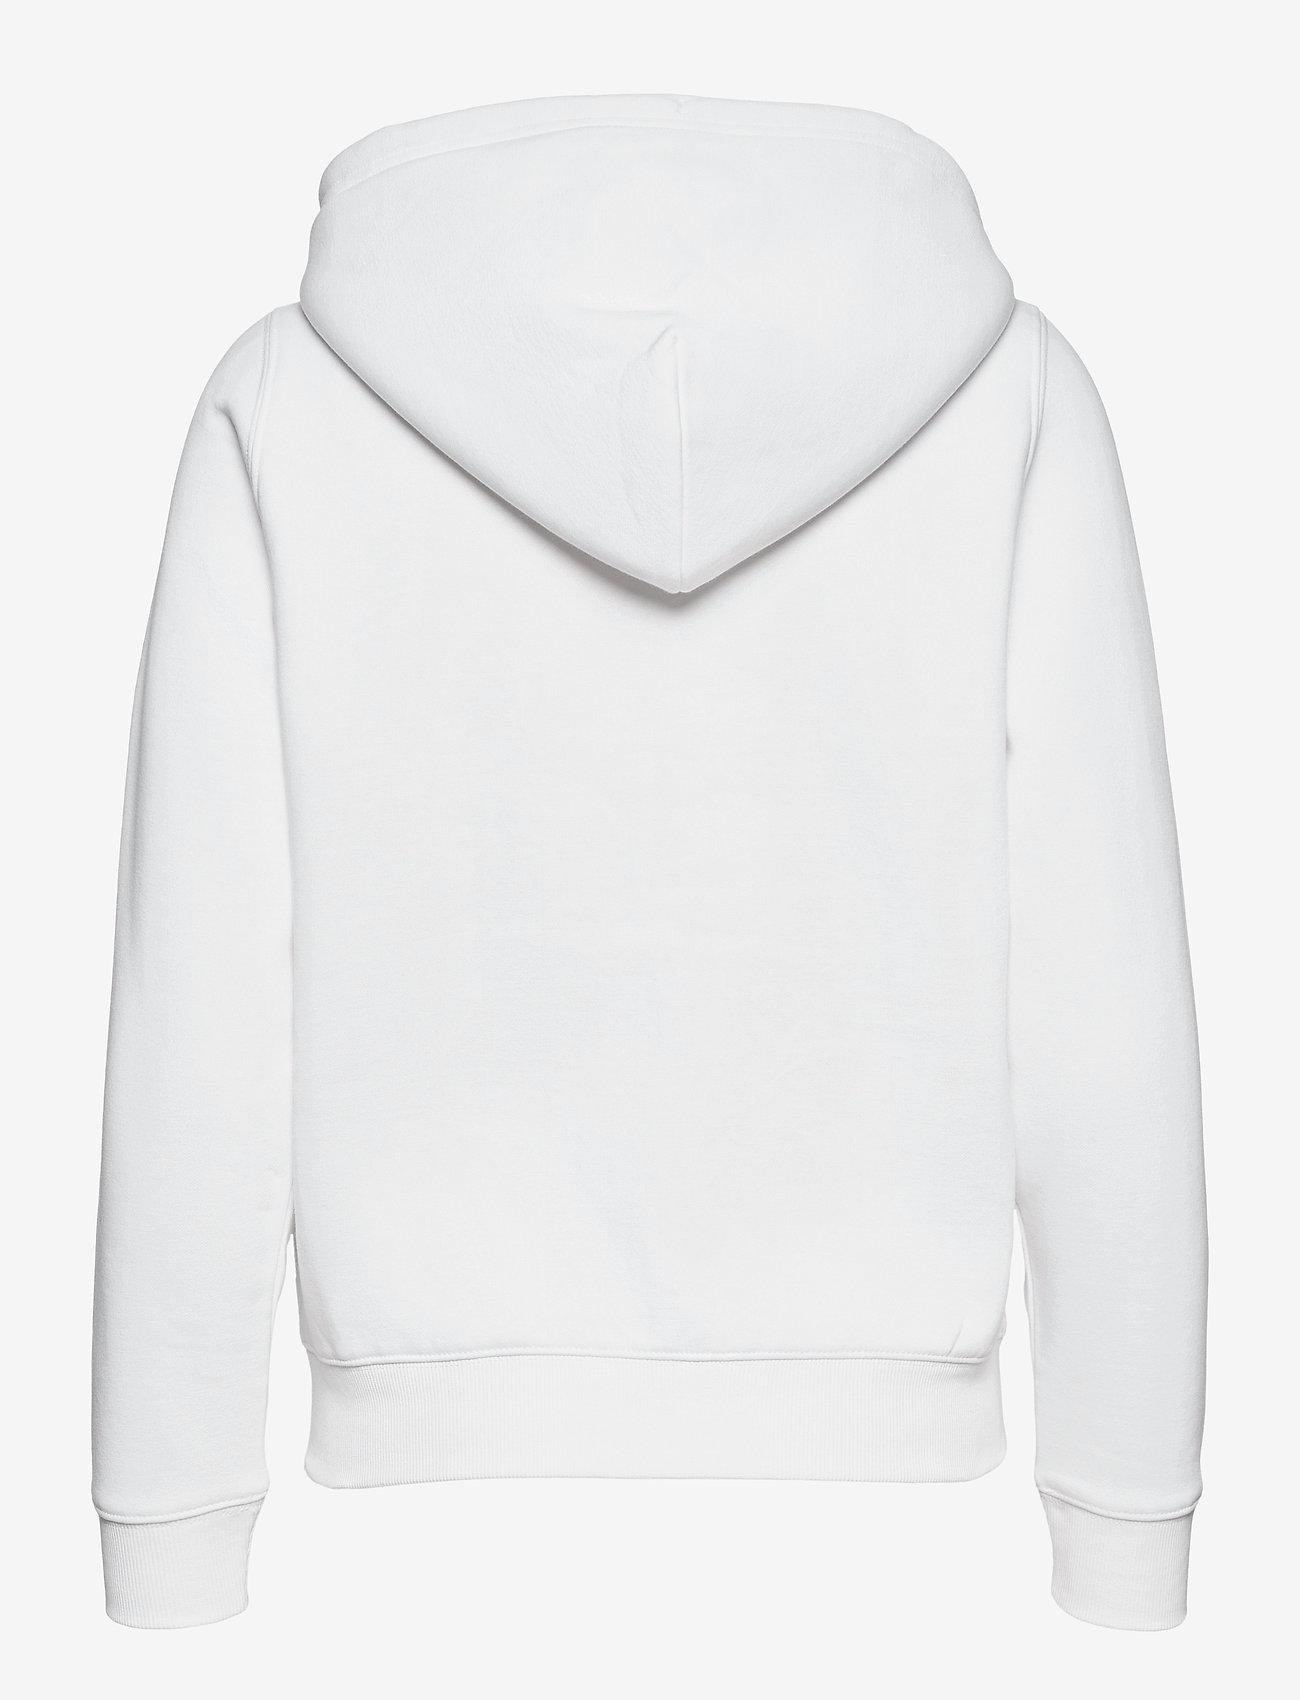 Tommy Jeans - TJW REGULAR HOODIE ZIP THROUGH - sweatshirts & hoodies - white - 1